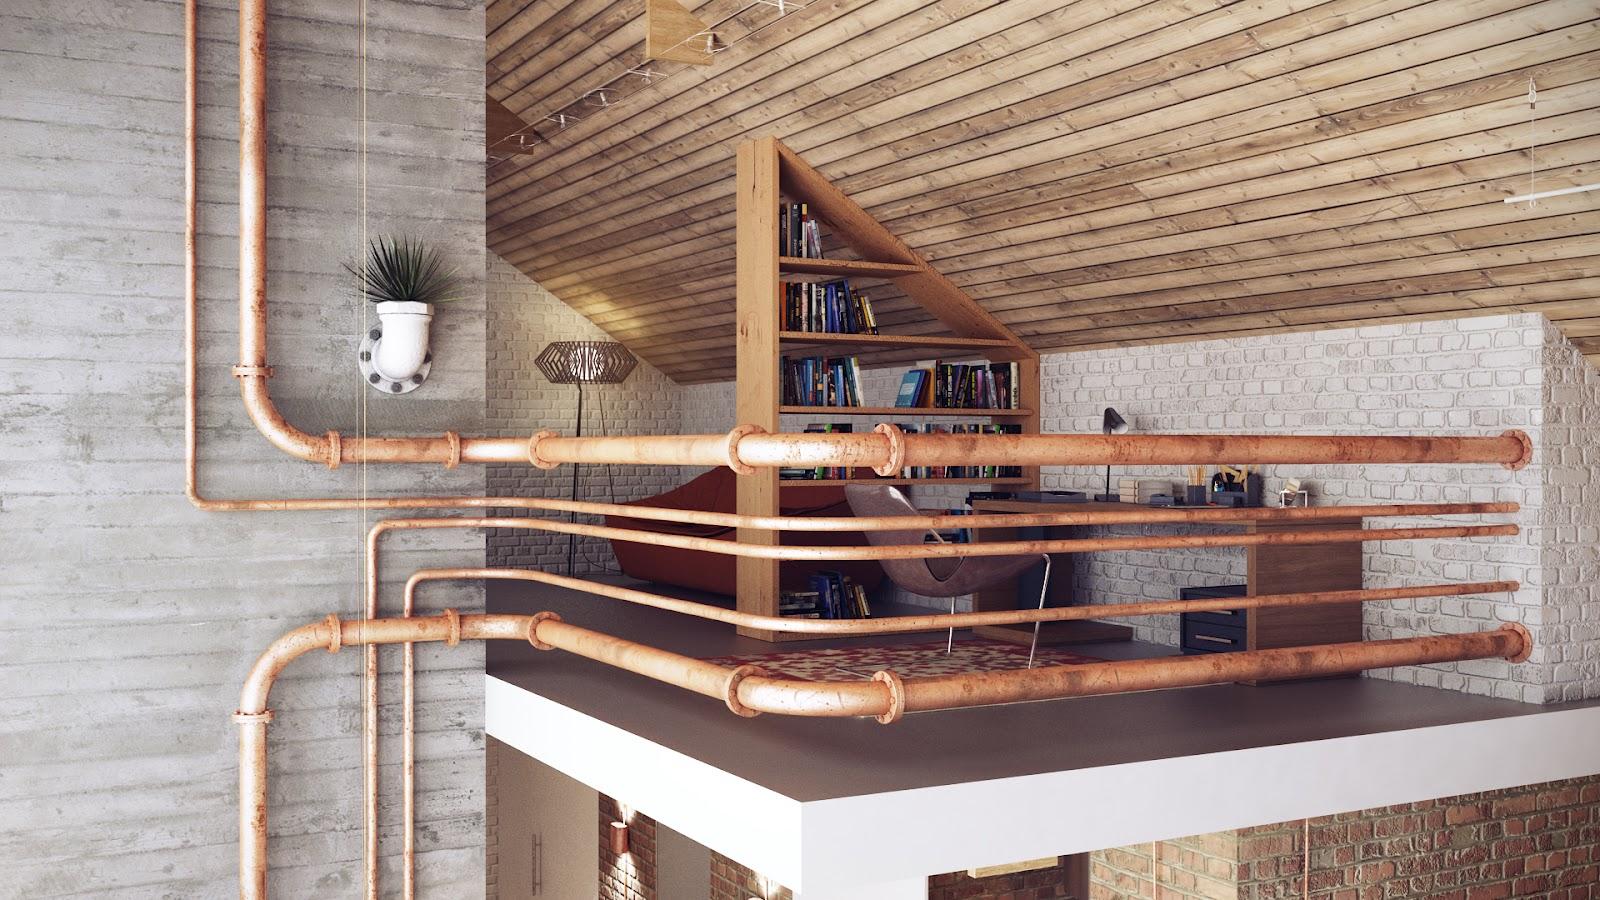 1-Industrial-pipe-railings.jpeg